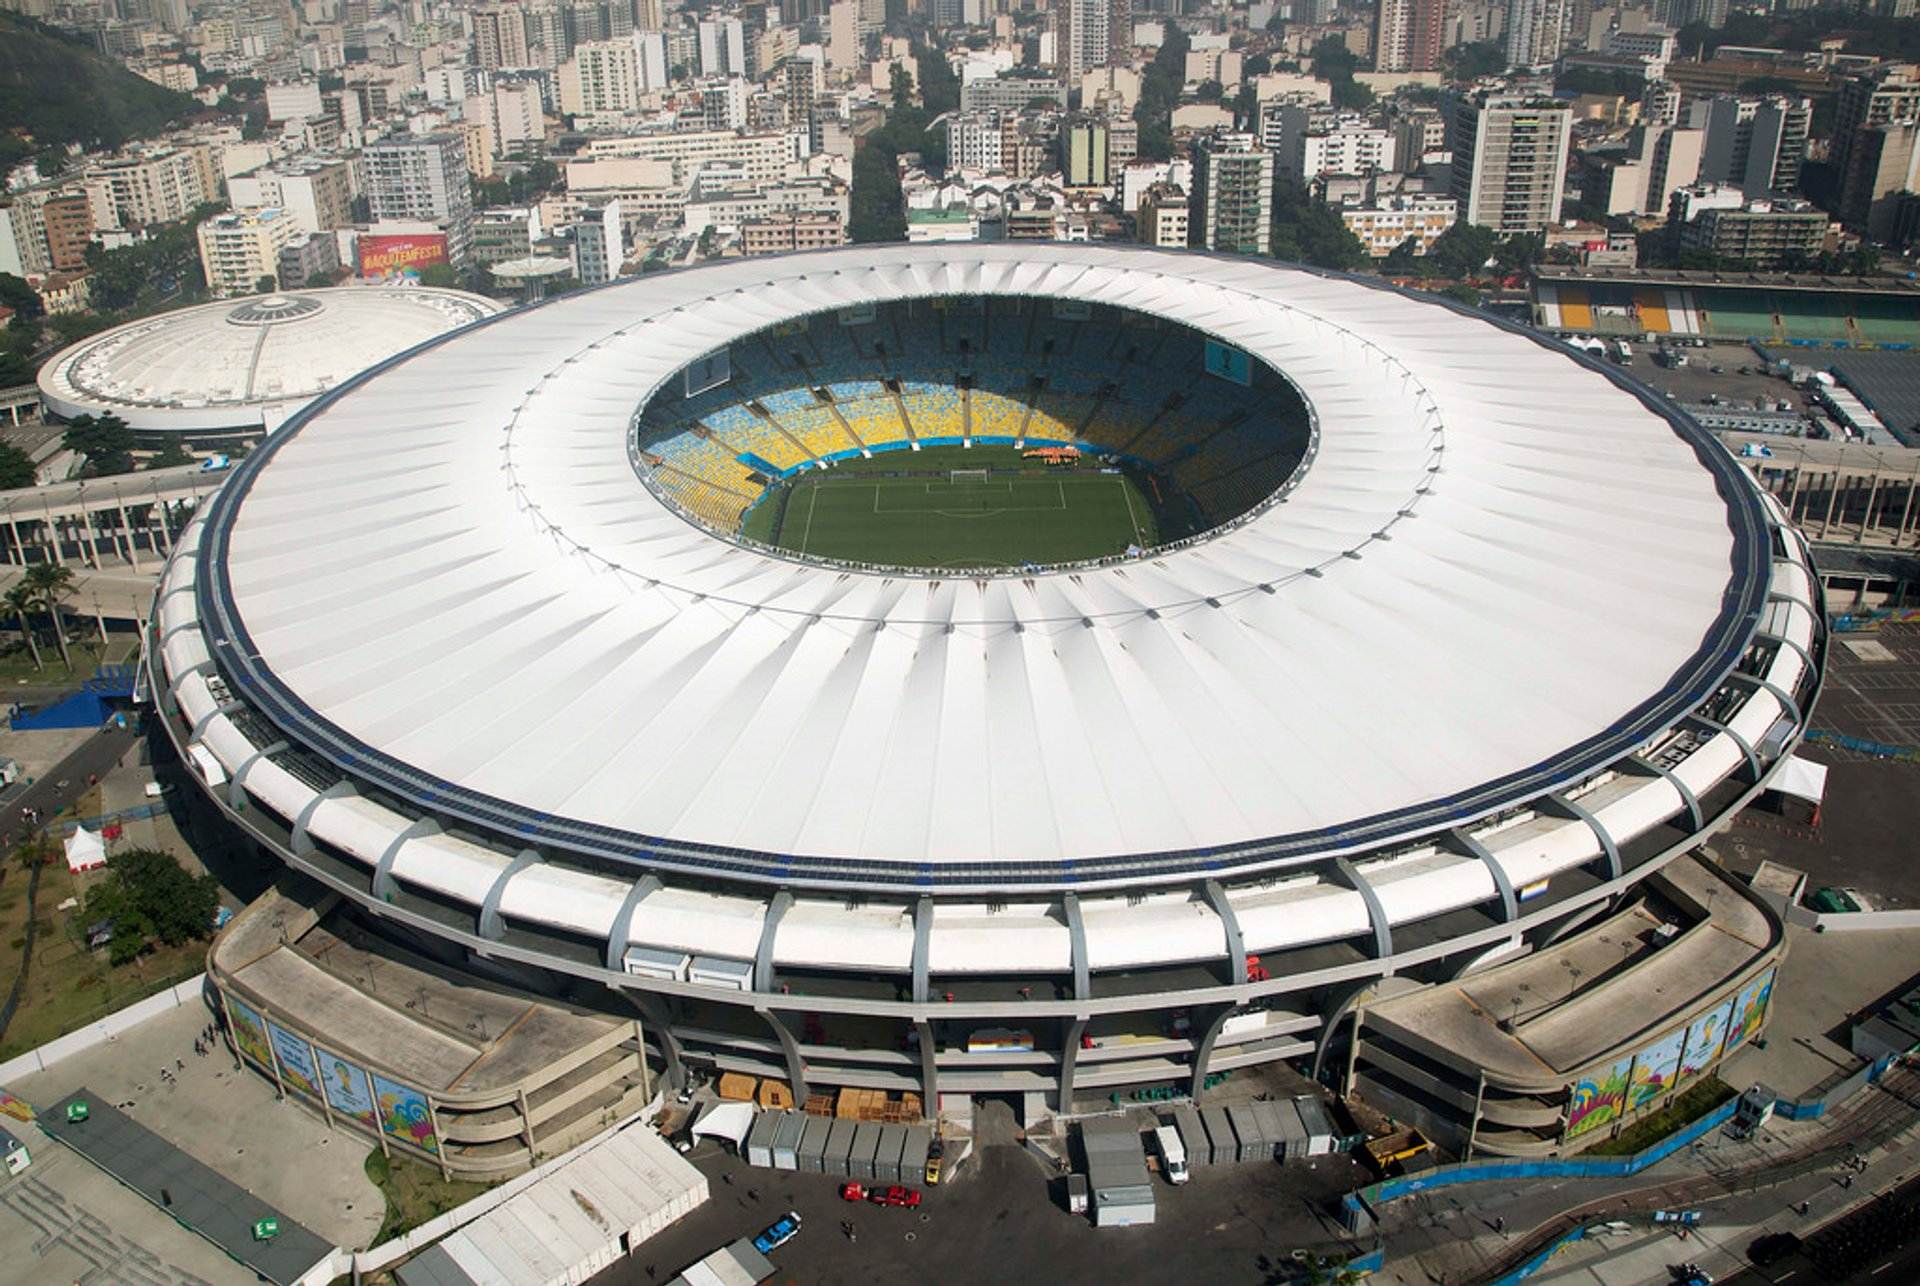 The stadium exterior 2020